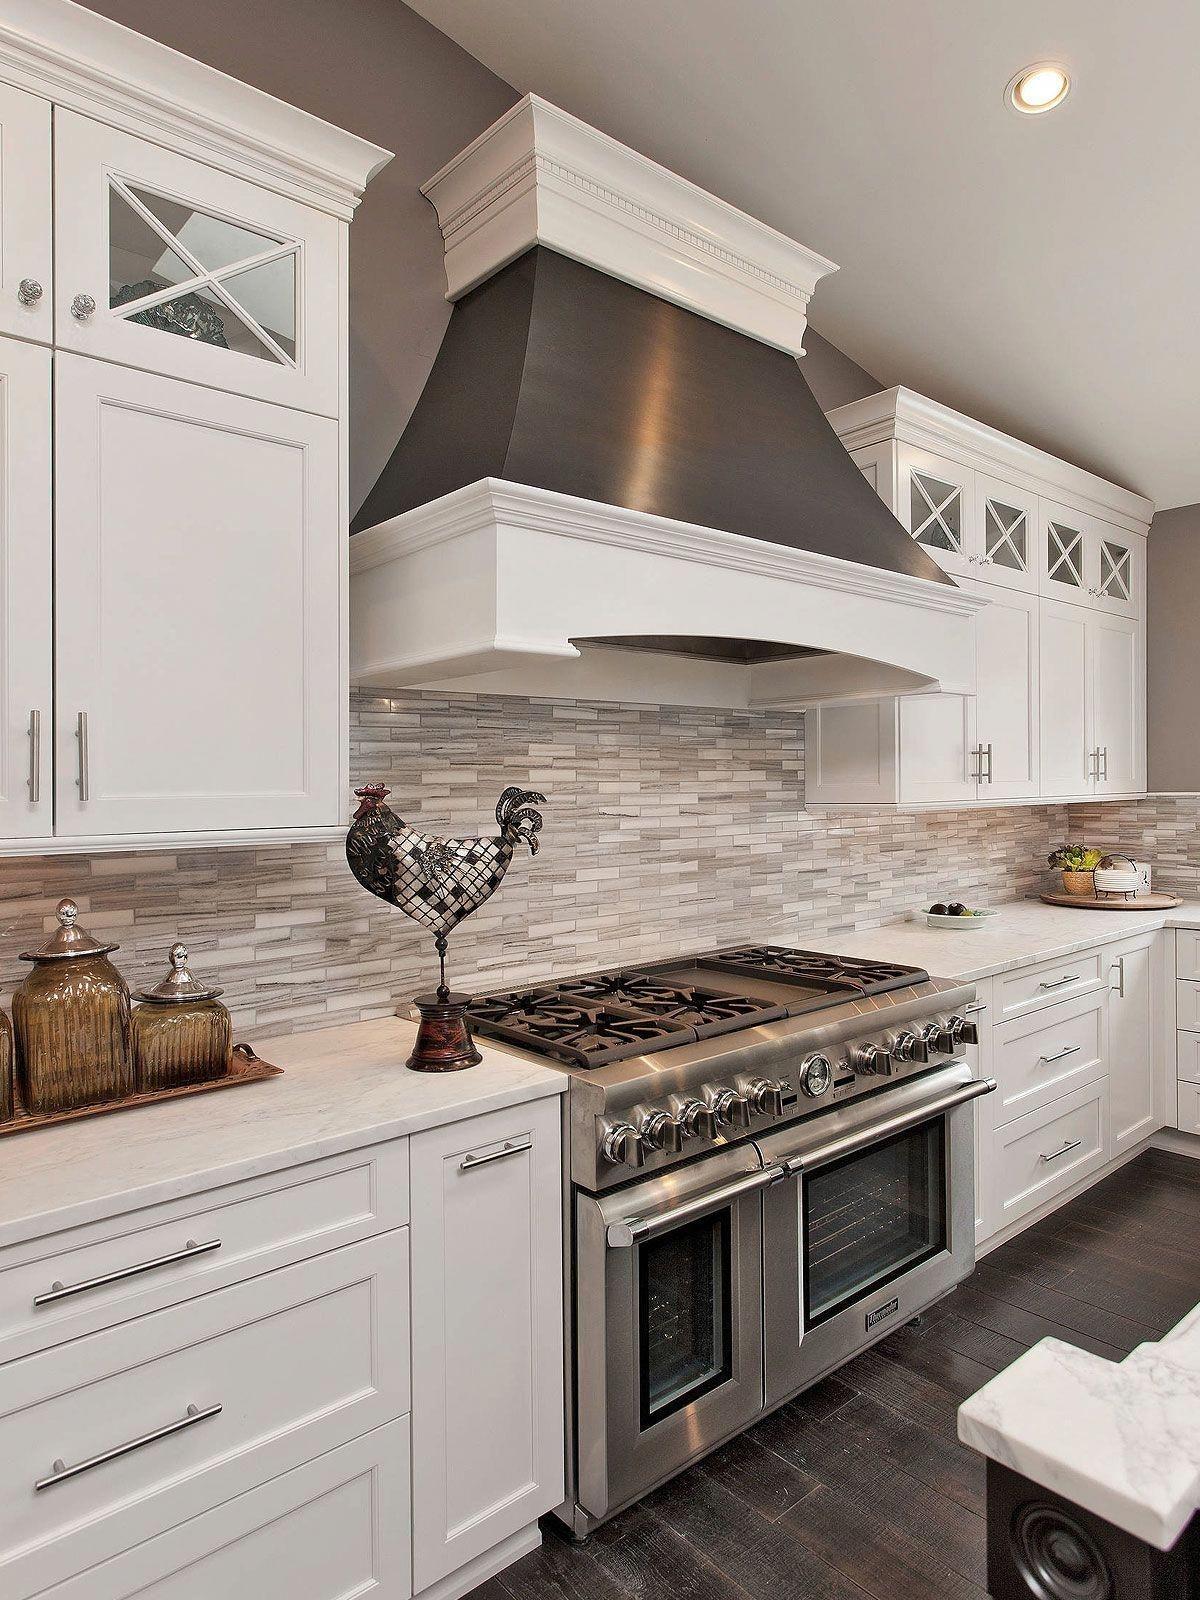 - 30+ Fabulous Farmhouse Kitchen Backsplash Design Ideas To Copy